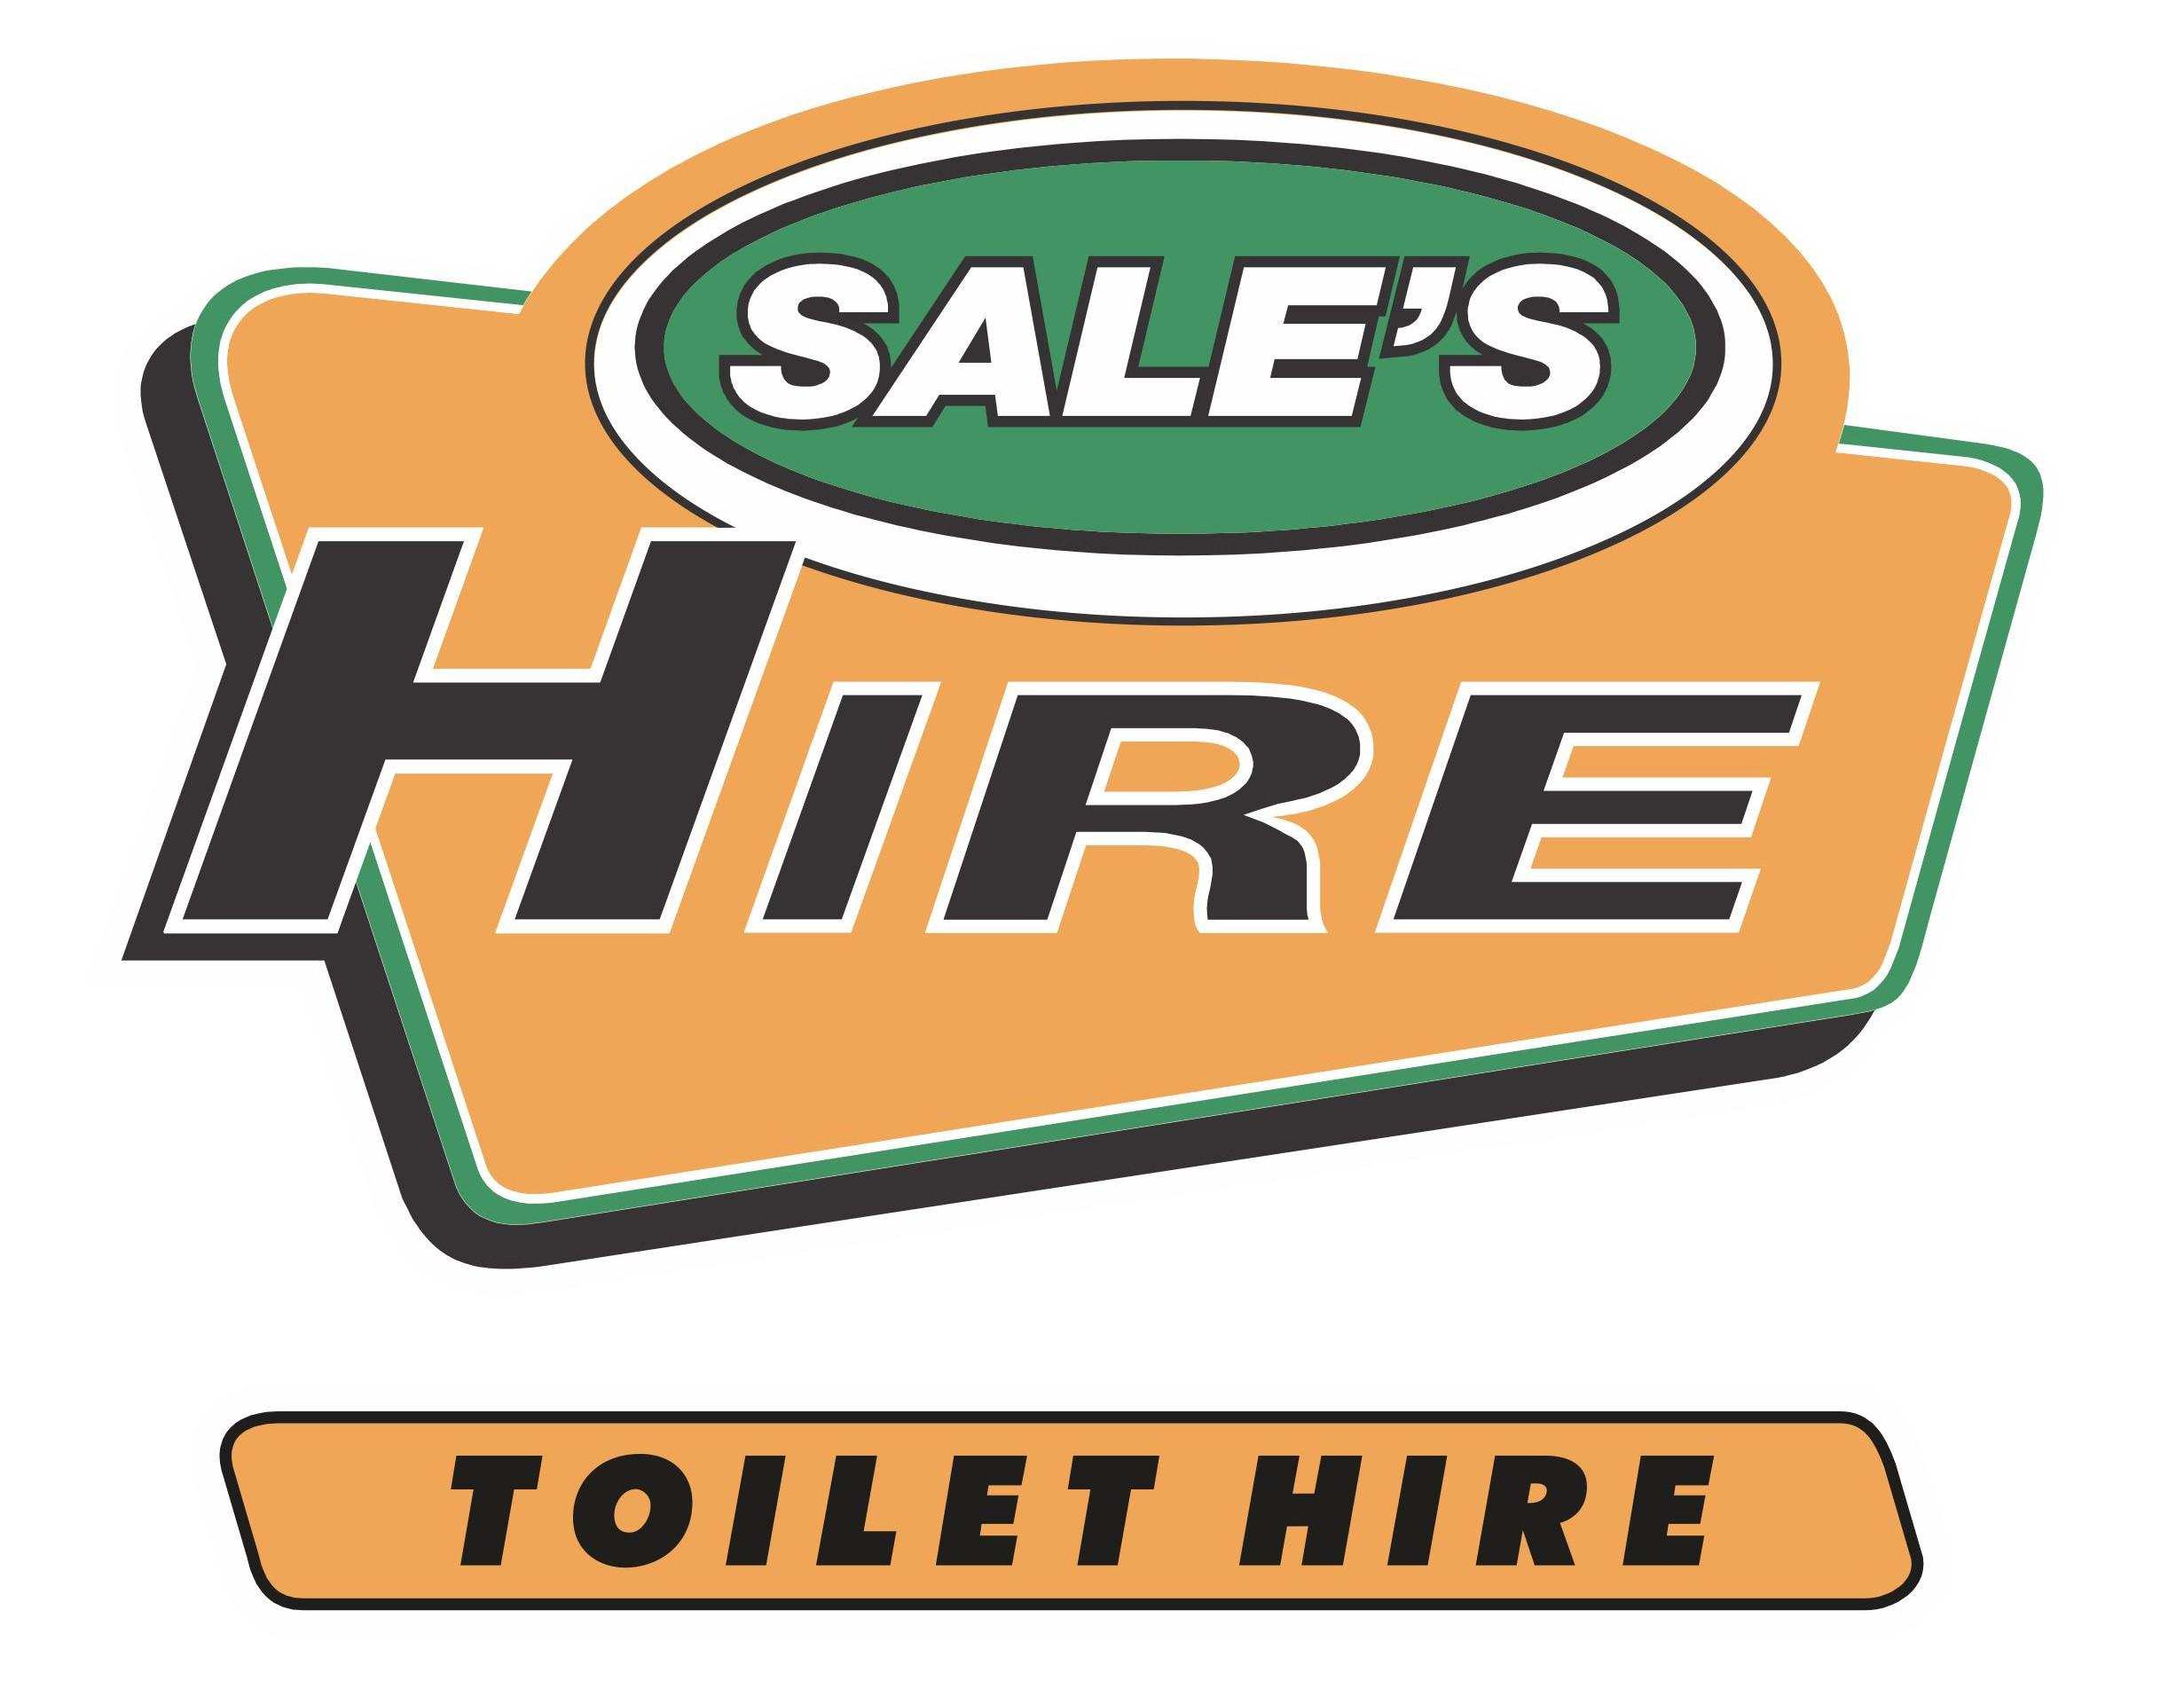 Sales Toilet Hire